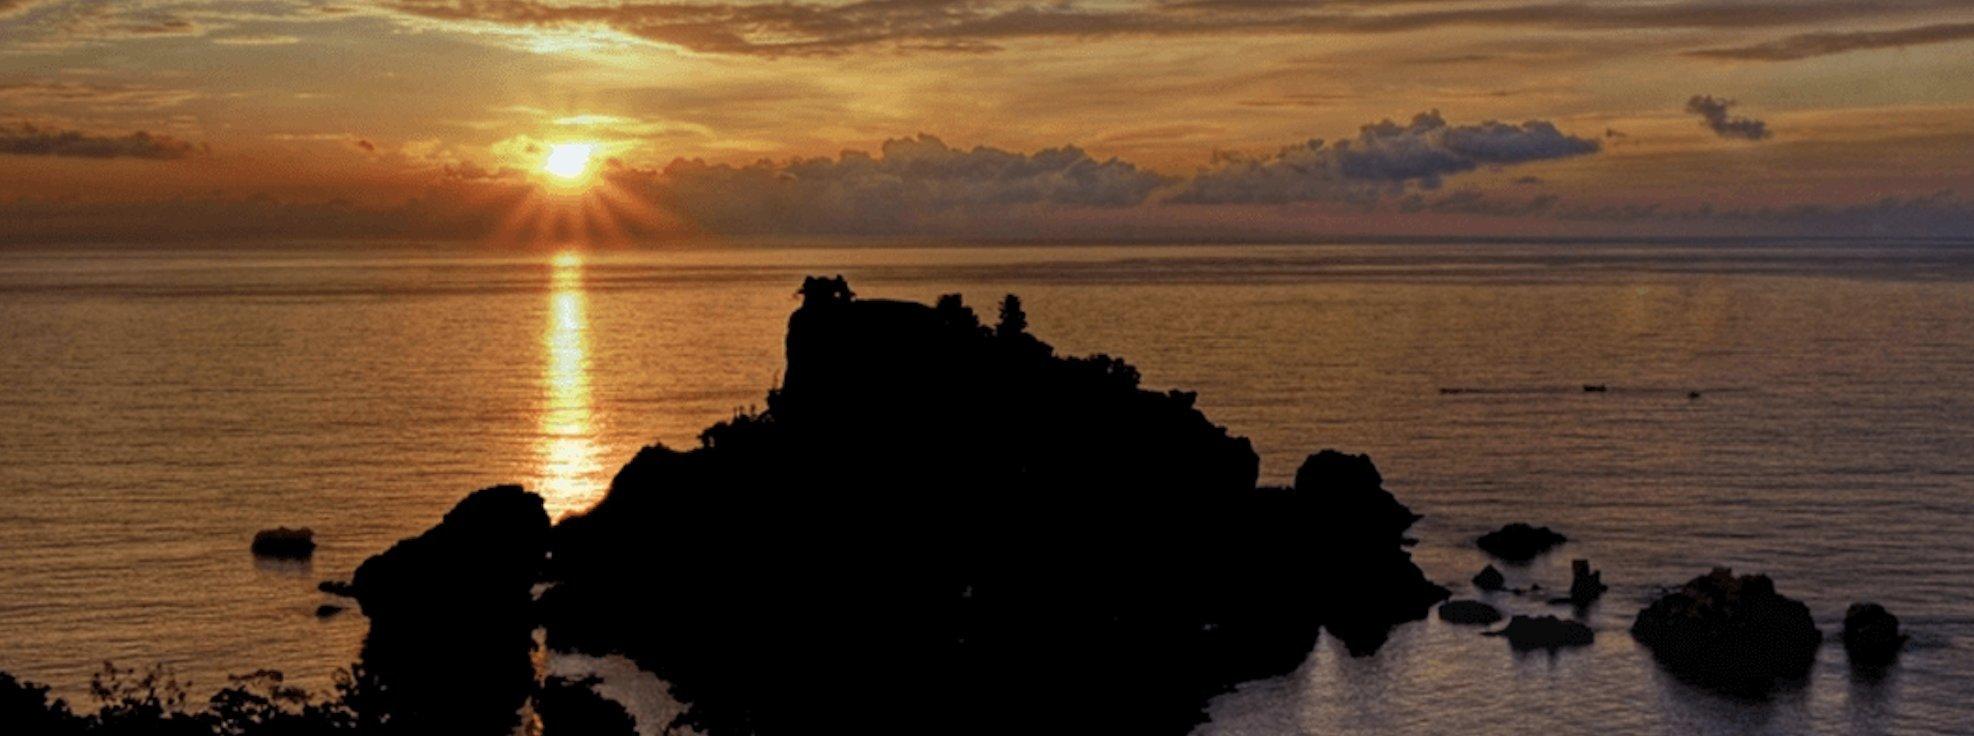 catania-yacht-charter-catania-boat-rental-catania-boat-hire-catania-boat-trip-catania-sailing-charter-taormina-isola-bella